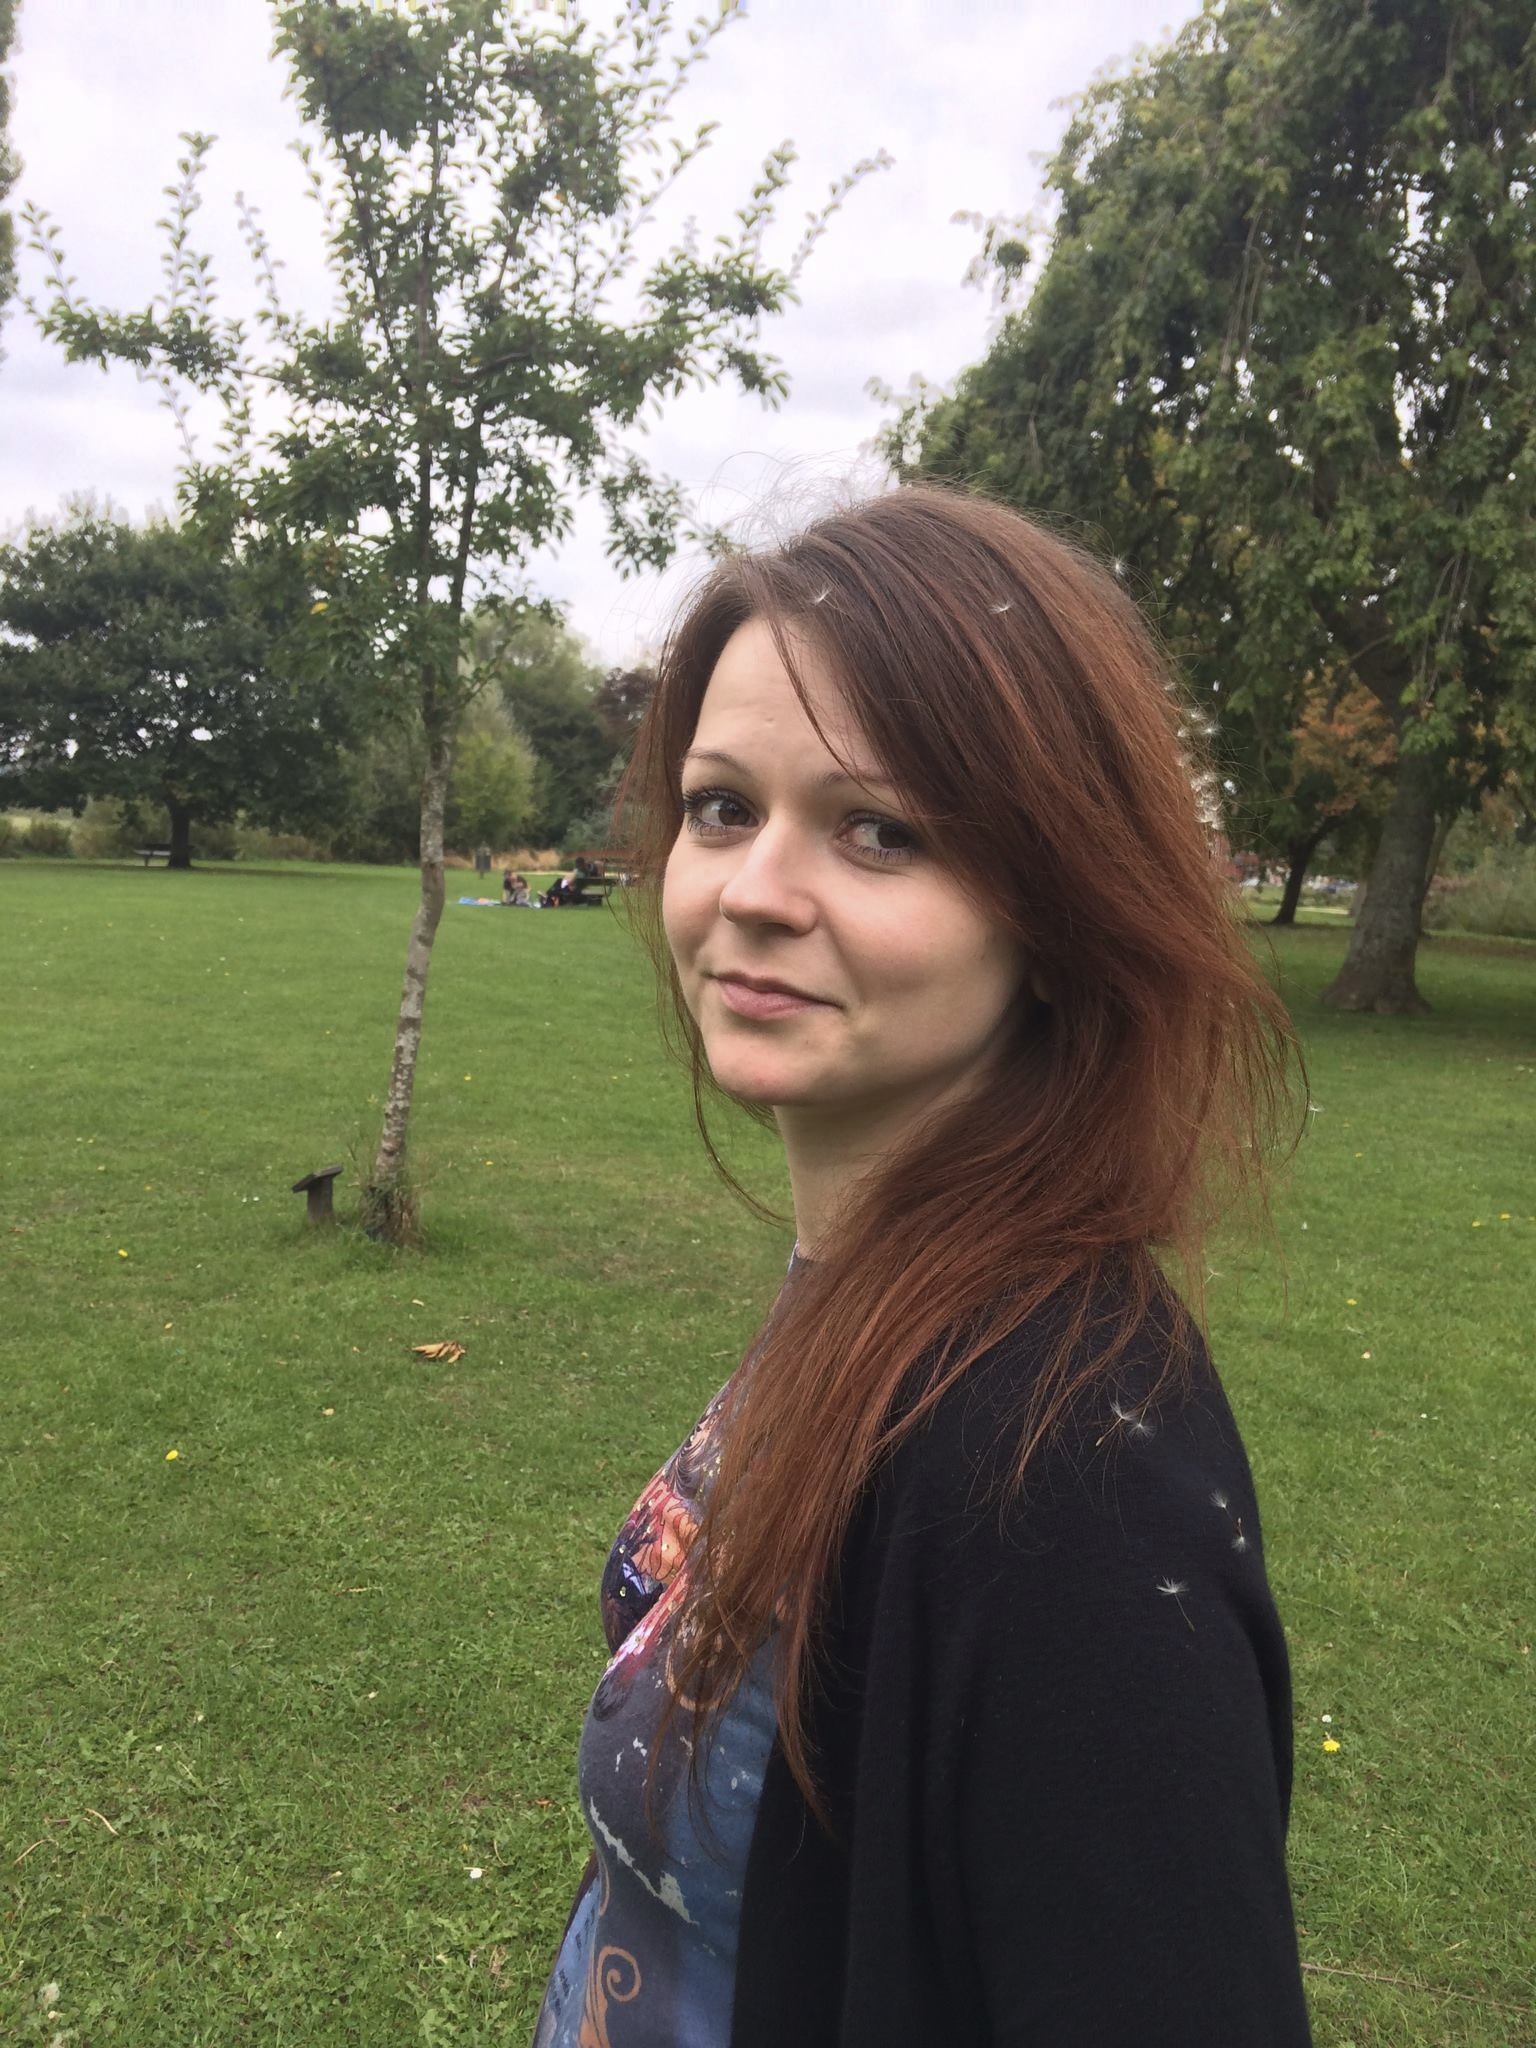 Роднини искат да върнат Юлия Скрипал в Русия